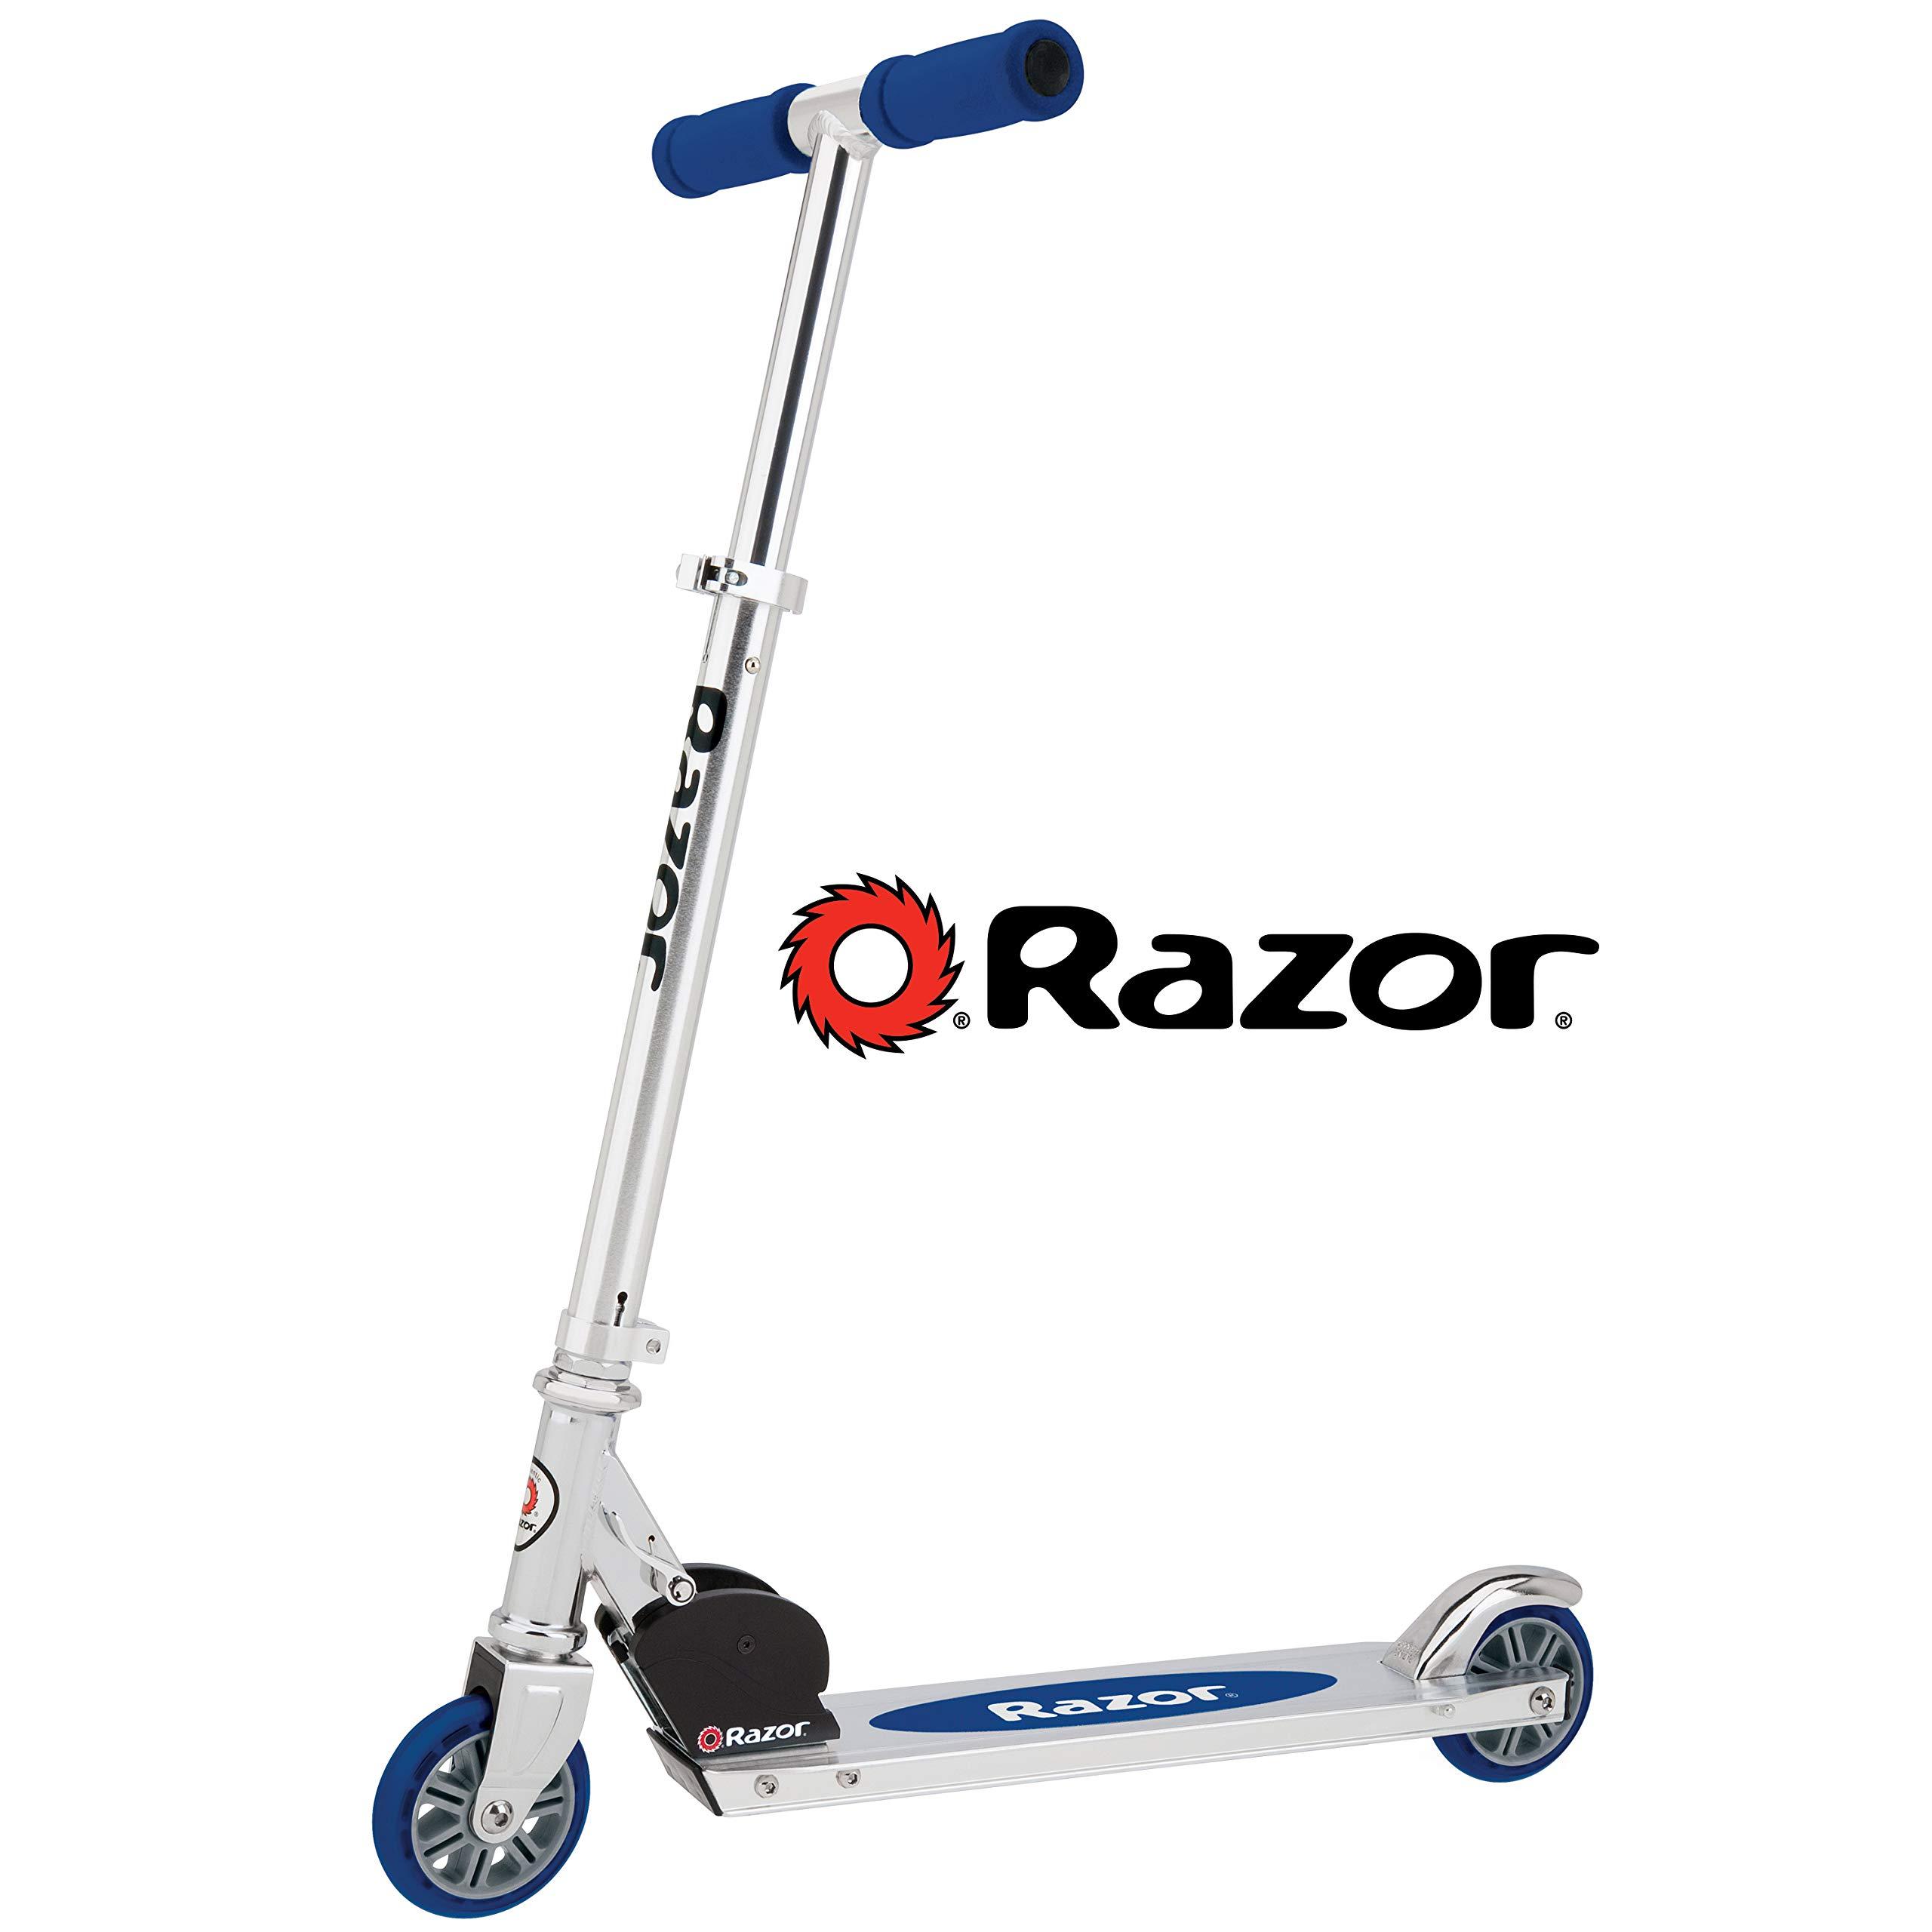 Razor A Kick Scooter - Blue by Razor